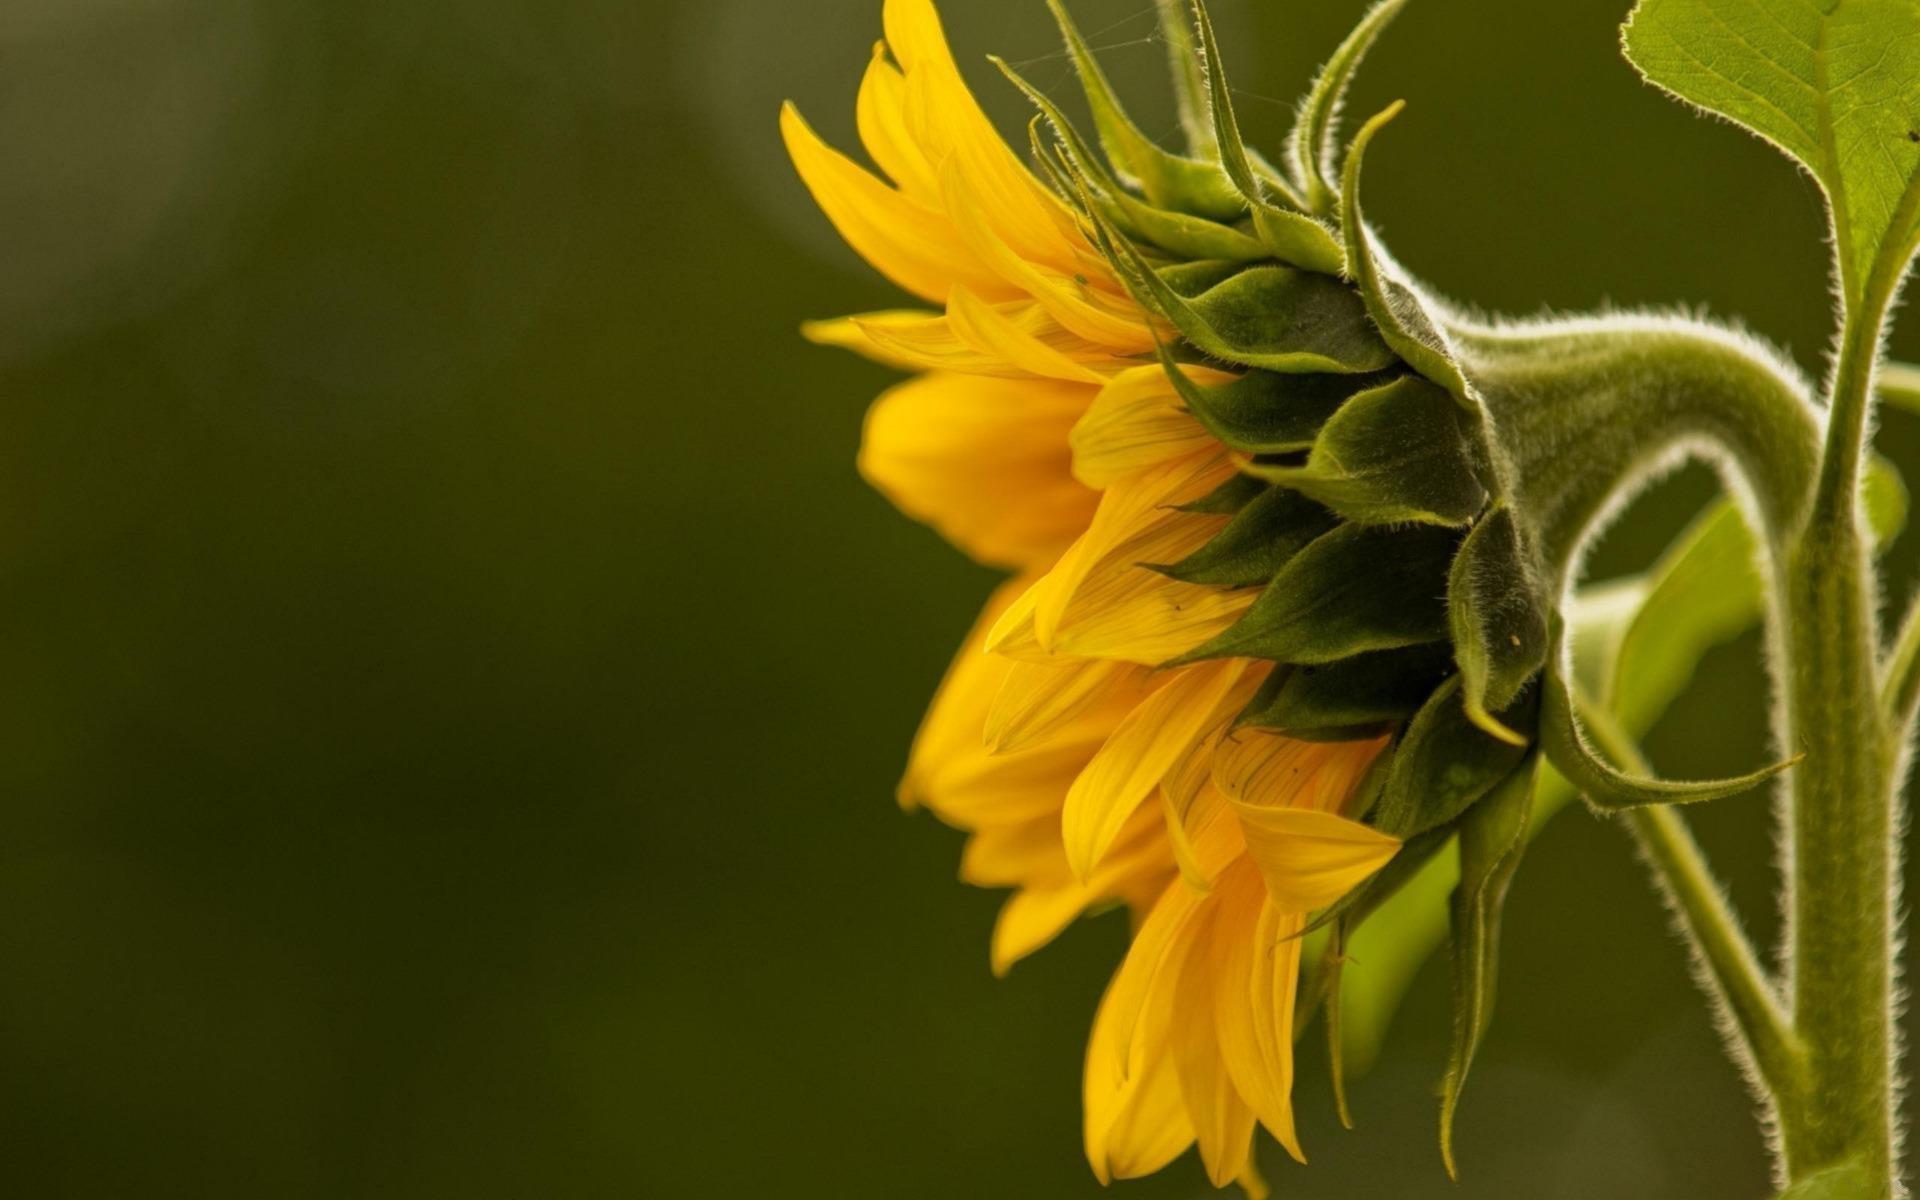 fonds-ecran-nature-et-fleurs-en-grand-format_3